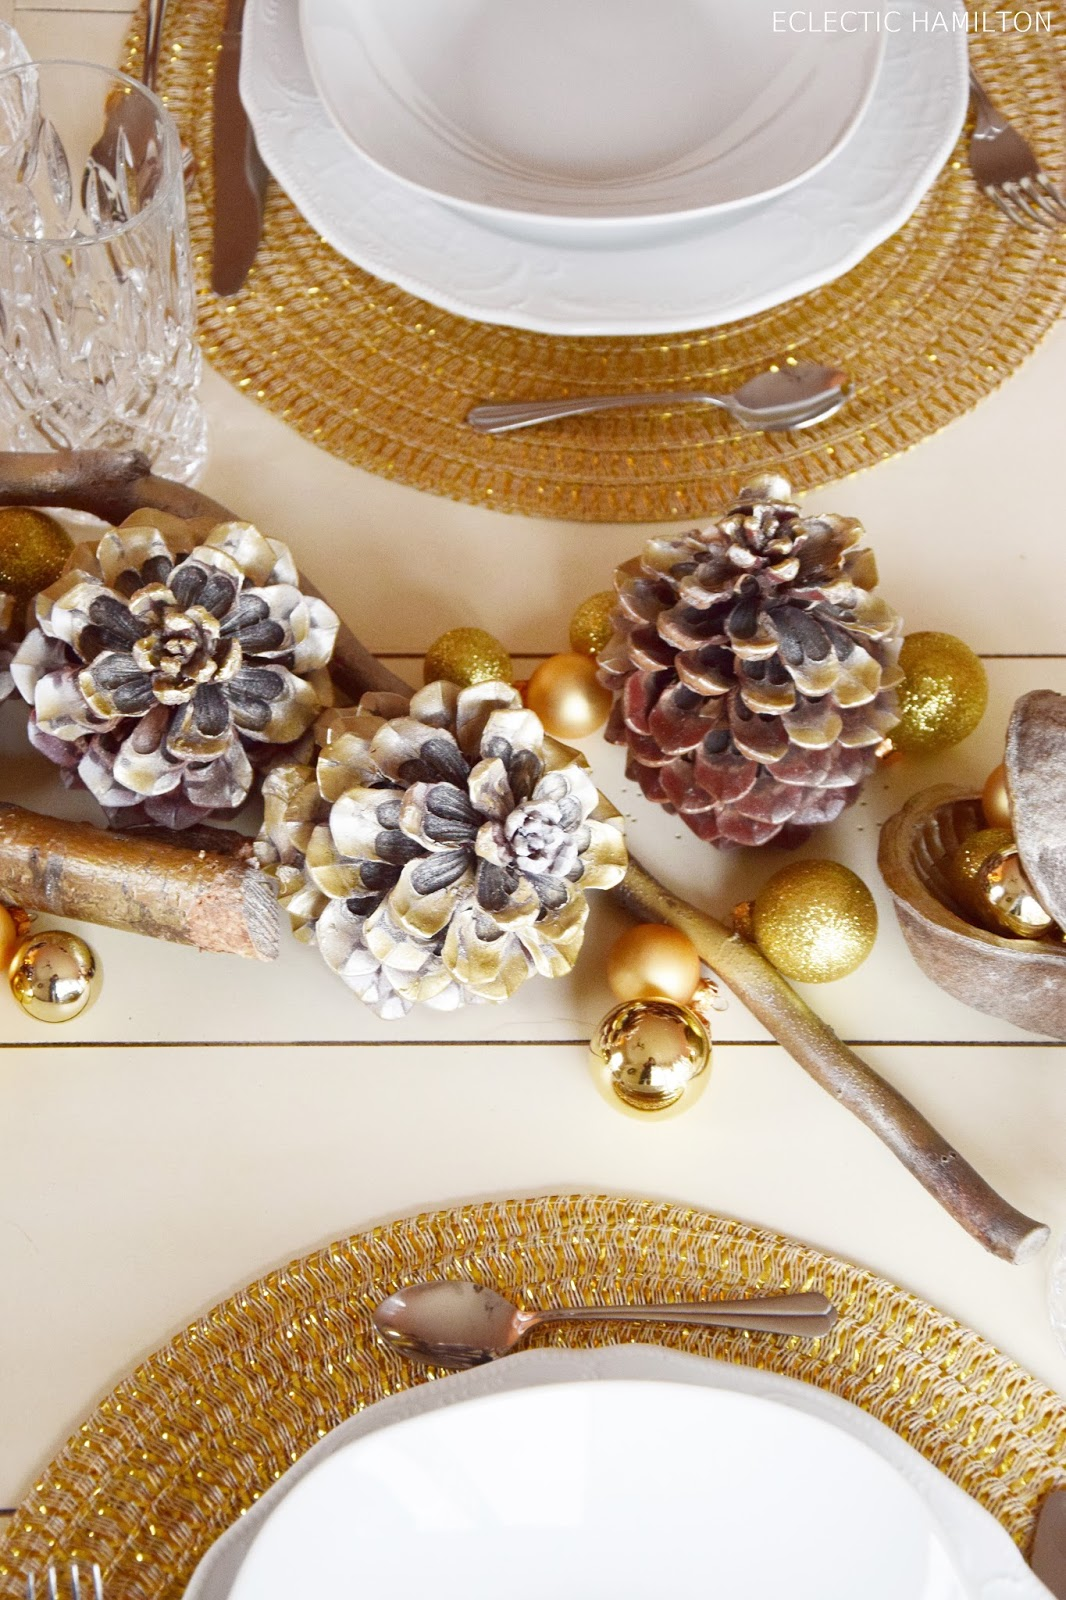 Tischdeko Weihnachten dekorieren basteln DIY Pinienzapfen weihnachtliche Dekoideen in Gold für Tisch und Esszimmer